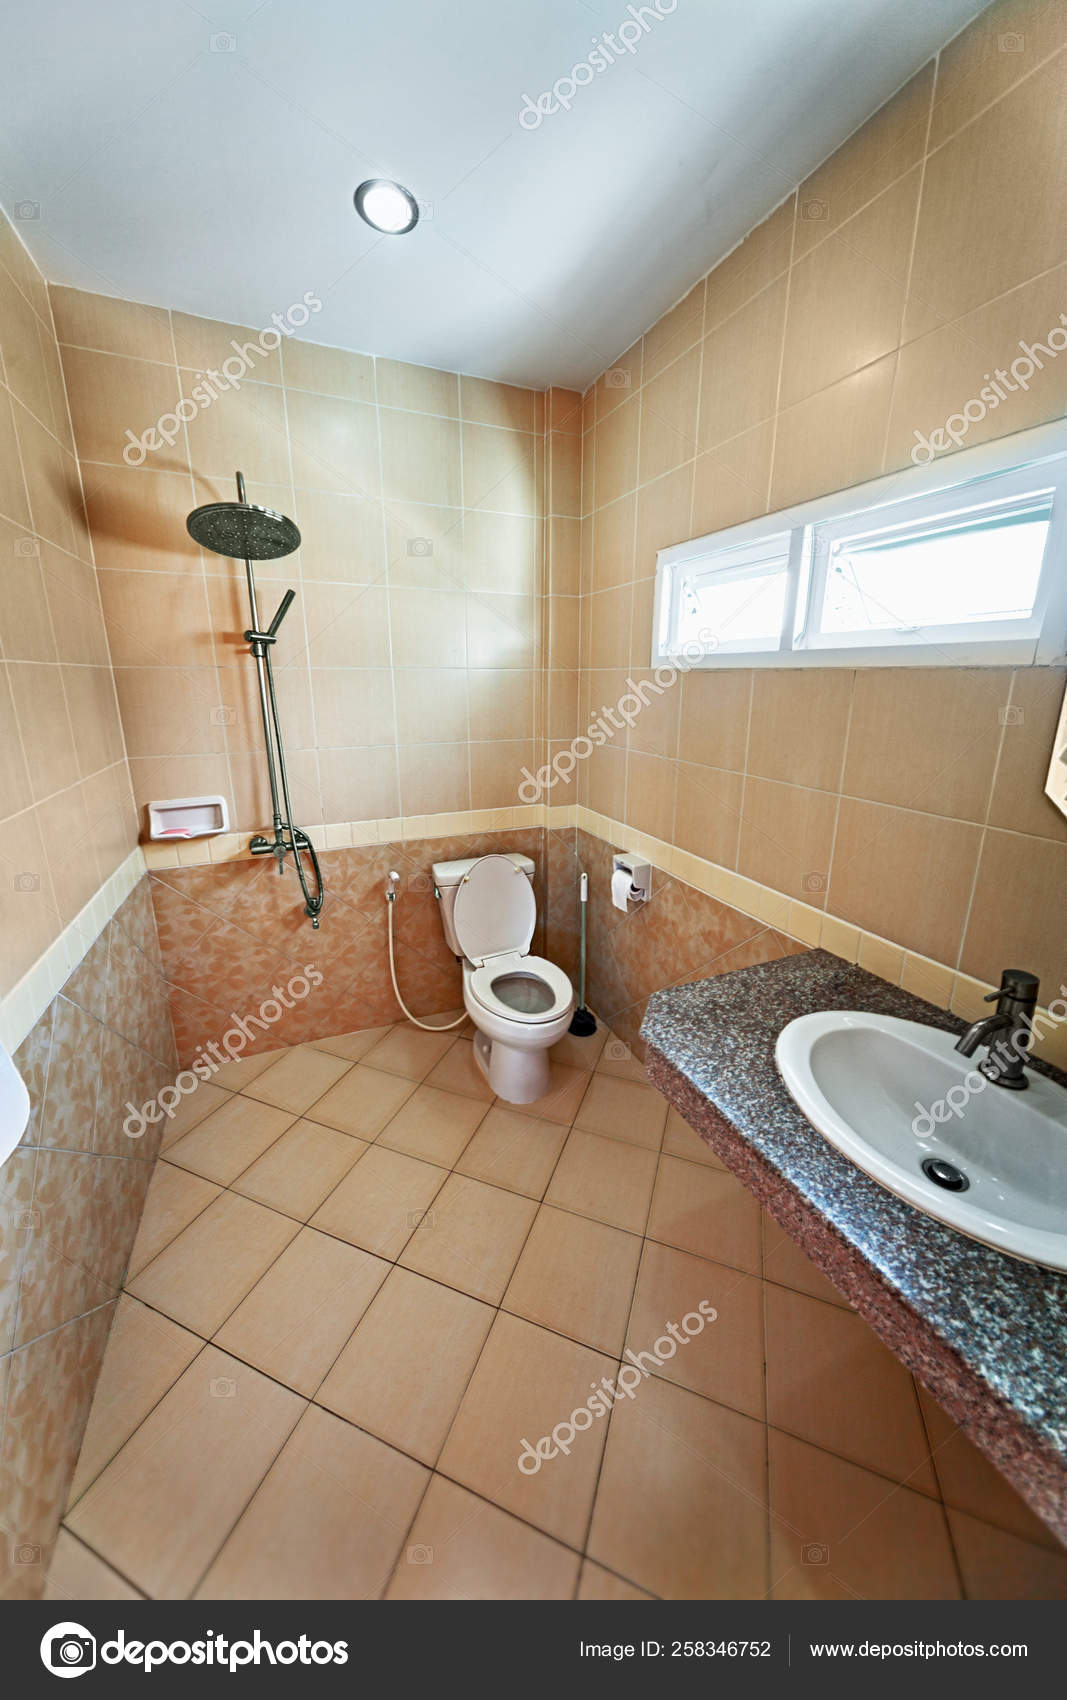 Fotos De Azulejos Modernos Para Banos.Interior Del Moderno Cuarto Bano Con Ducha Azulejos Color